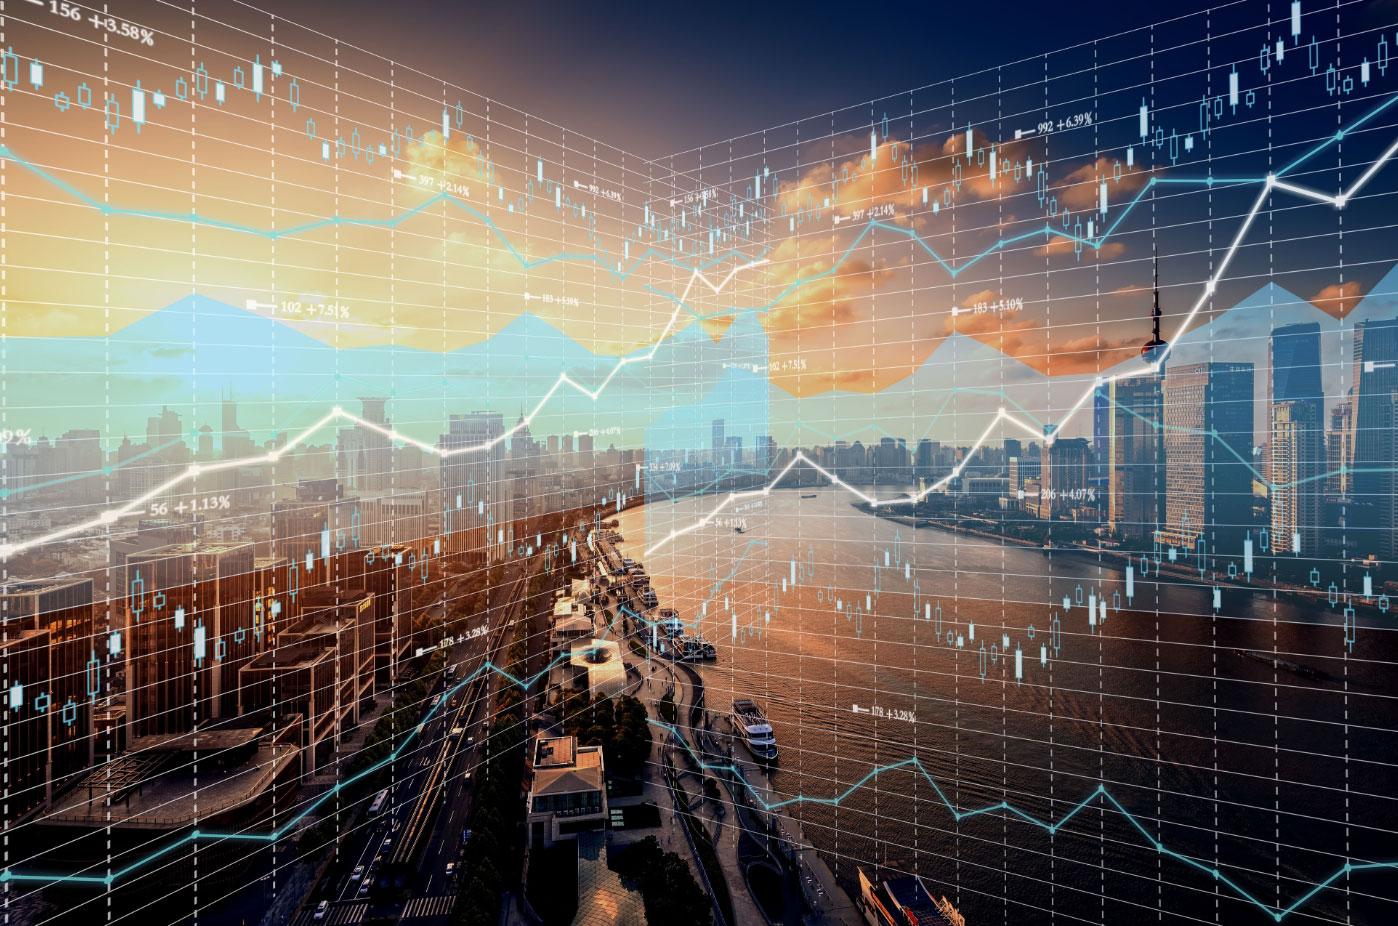 Азиатские биржи достигли максимума за 29 месяцев, китайские голубые фишки - за 5 лет